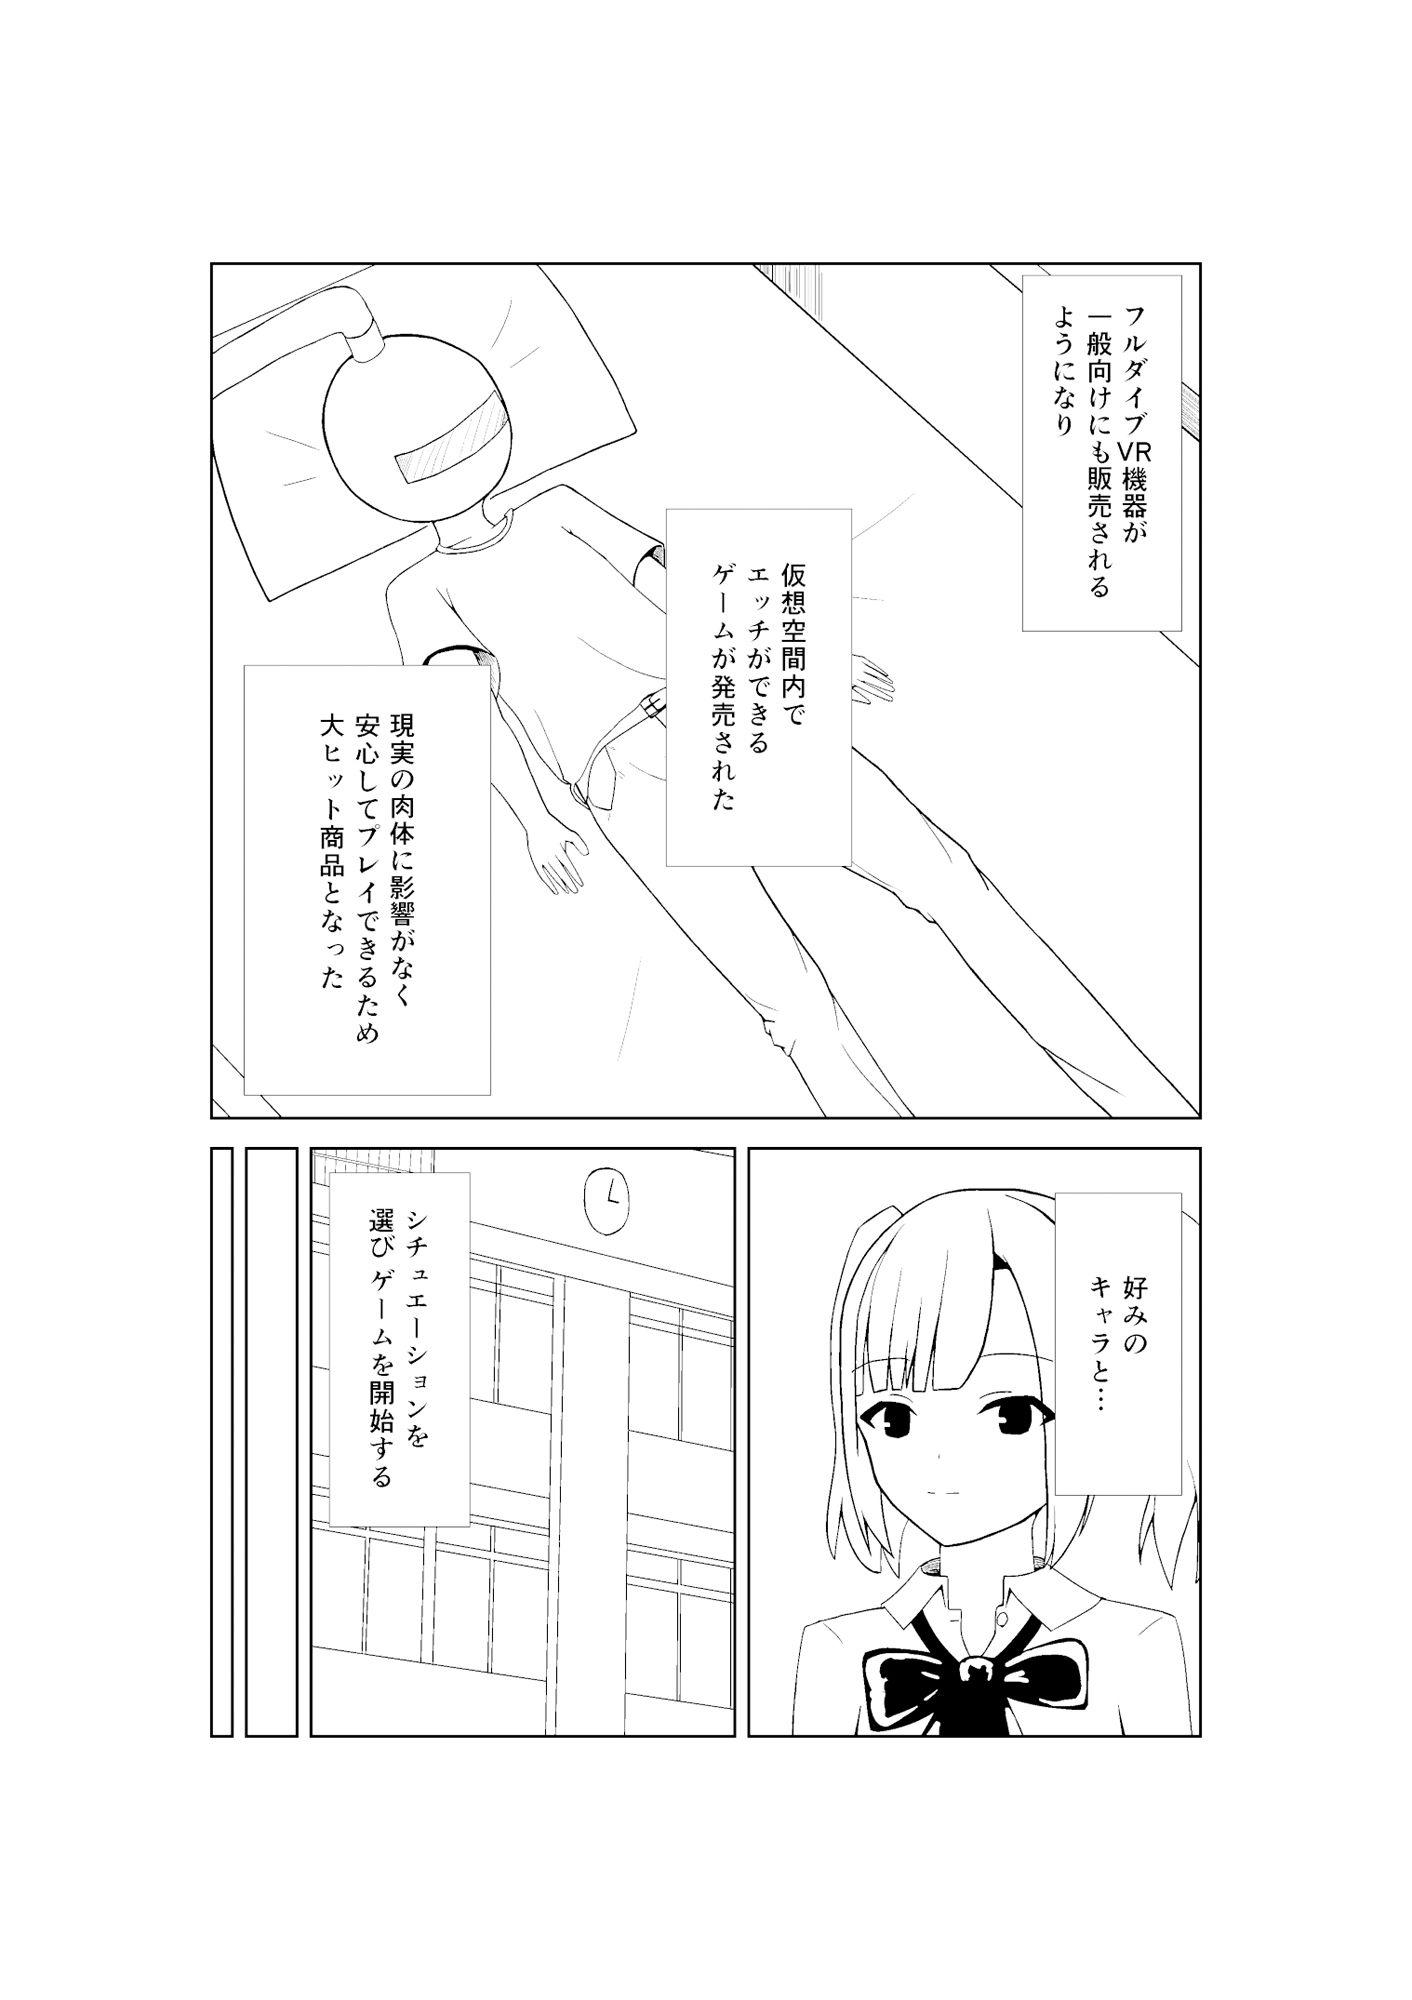 【よしこう 同人】ぬくもりエッチ~ギャル幼馴染編~